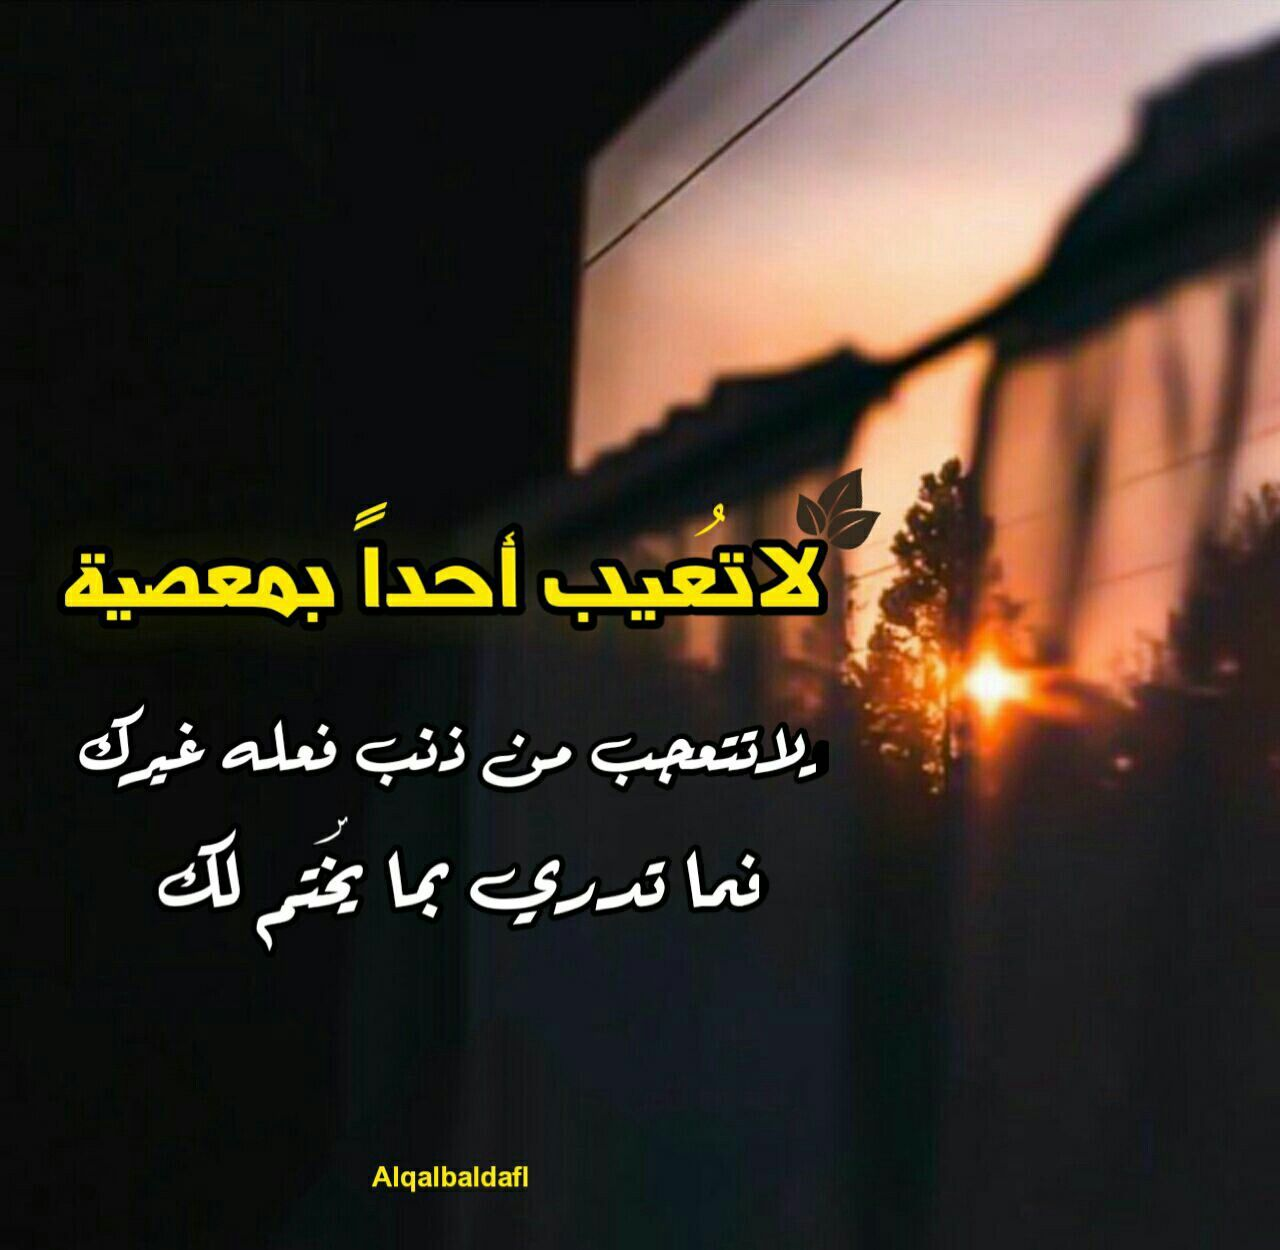 أئدر أعيب بابا آدم هل يحق لي أعيب أحد من أولاده الله أعلم بصدور العالمين Arabic Quotes Words Quotes